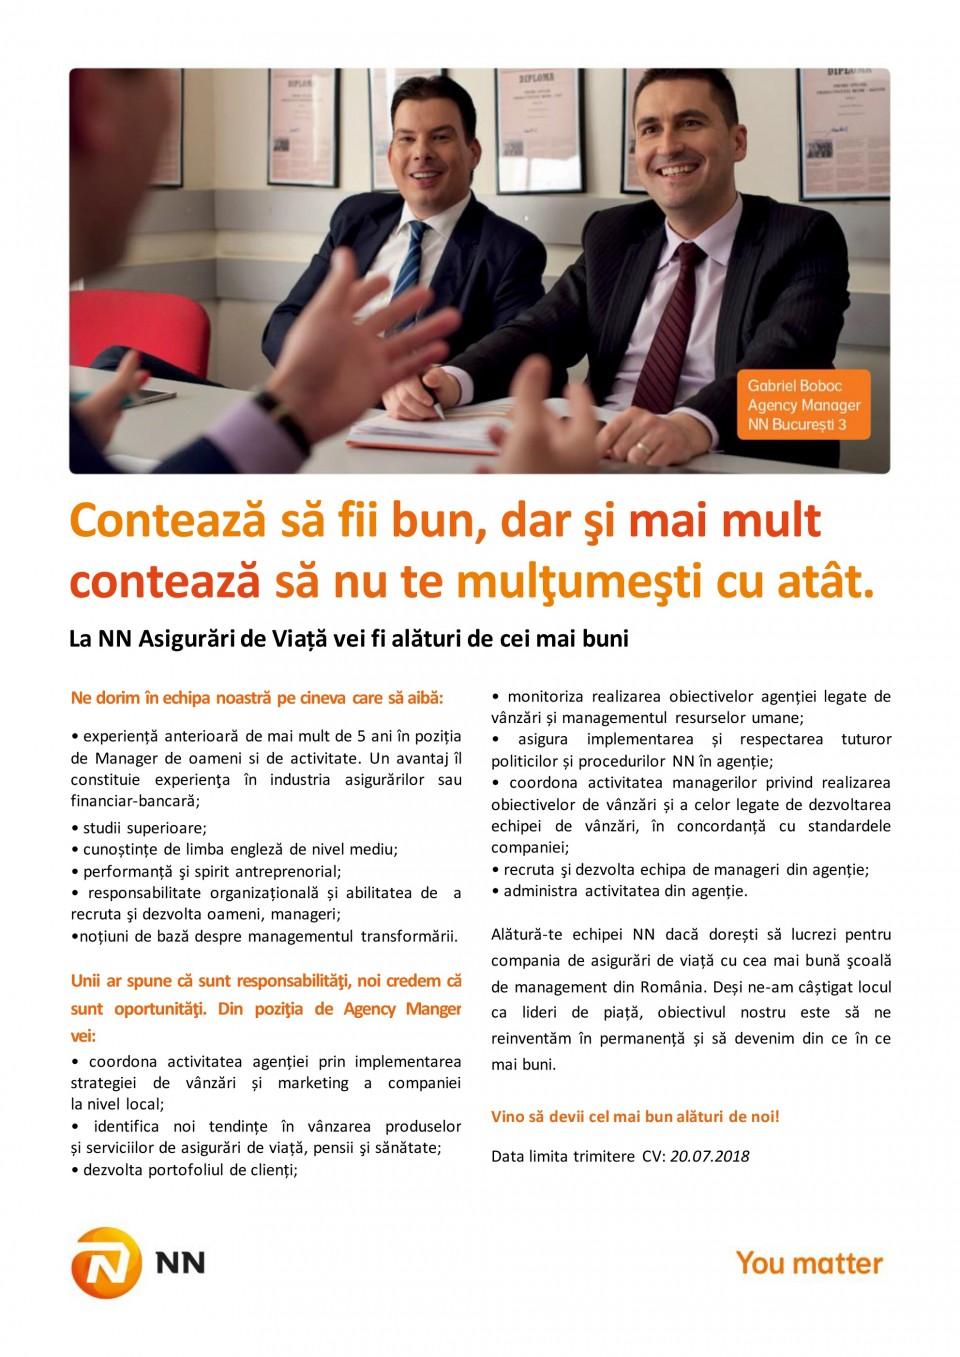 NN este o companie de asigurări și managementul investițiilor, activă în peste 18 țări, cu o puternică prezență în Europa și în Japonia.Grupul NN din România, include activitățile NN Asigurări de Viață și NN Pensii, companii lider pe piețele de profil, și NN Investment Partners, numărul patru în topul companiilor de administrare a fondurilor mutuale din România.Pentru noi, NN reprezintă un capitol nou și interesant în viața companiei, cu noi oportunități de dezvoltare. Promisiunea noastră este că vom continua să fim alături de clienții, angajatii si colaboratorii noștri, un partener apropiat și de încredere. Valorile noastre de bază sunt: ne pasă, suntem transparenți, ne dedicăm.Valorile noastre sunt expresia lucrurilor noastre dragi, a ceea ce credem și a obiectivelor noastre. Ne unesc și ne inspiră. Și ne determină comportamentul zi de zi.NN Romania in cifre:2,2 milioane clienți unici de asigurări de viață, pensii obligatorii și pensii facultative Cote de piață decembrie 2016:• Asigurari de viata: 32,6%• Pensii obligatorii (Pilonul 2) - 36,5% în funcție de active• Pensii facultative (Pilonul 3) - 50,2% în funcție de active